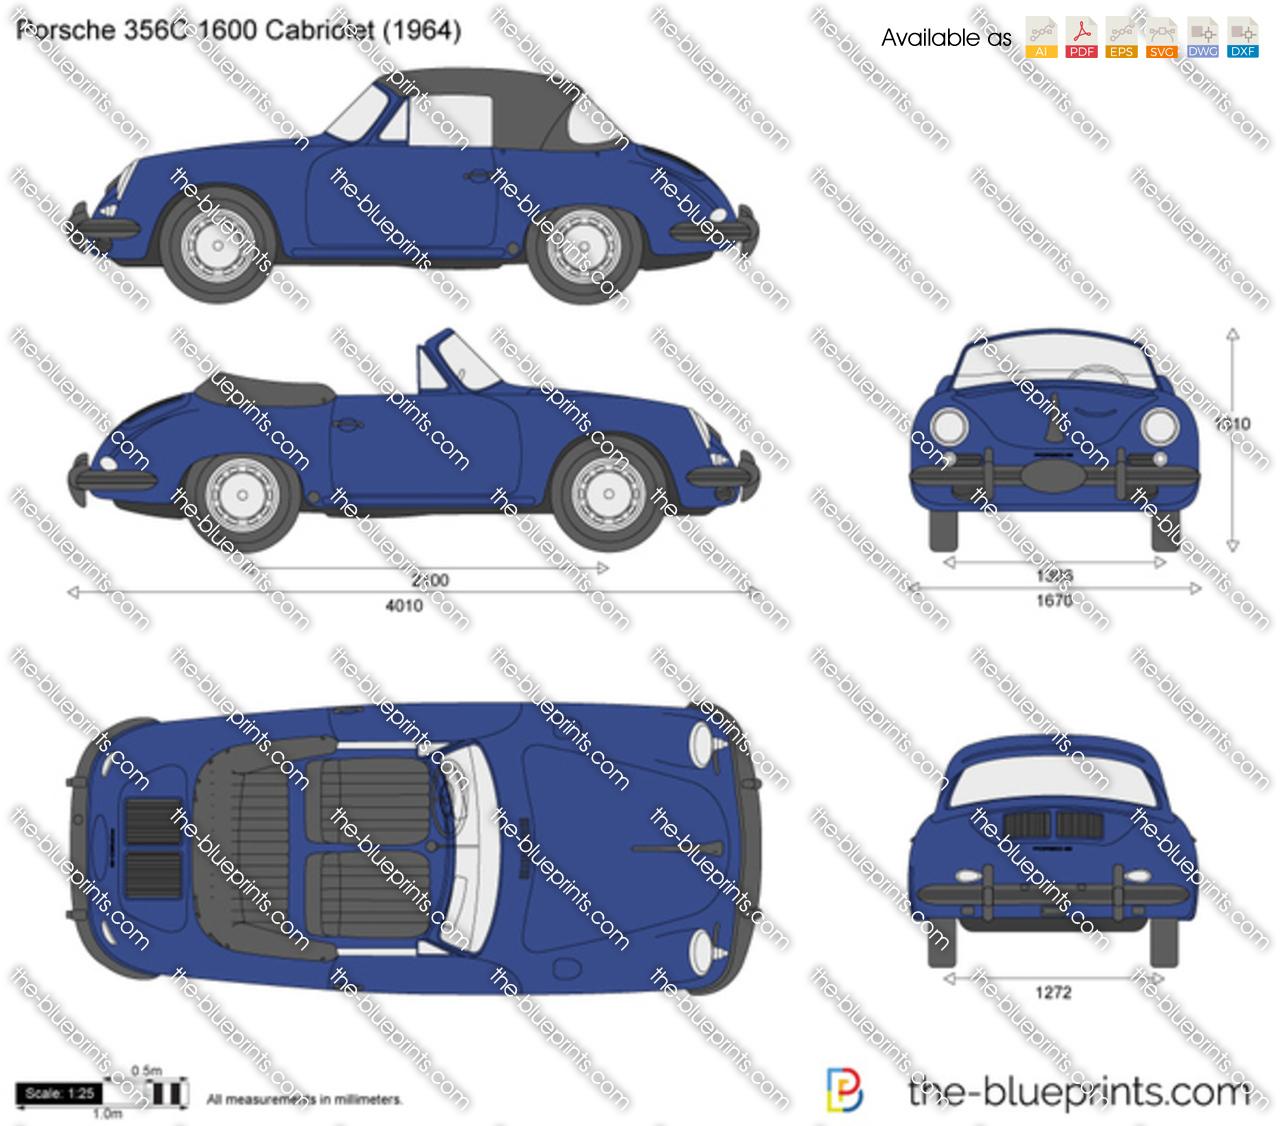 Porsche 356C 1600 Cabriolet 1963